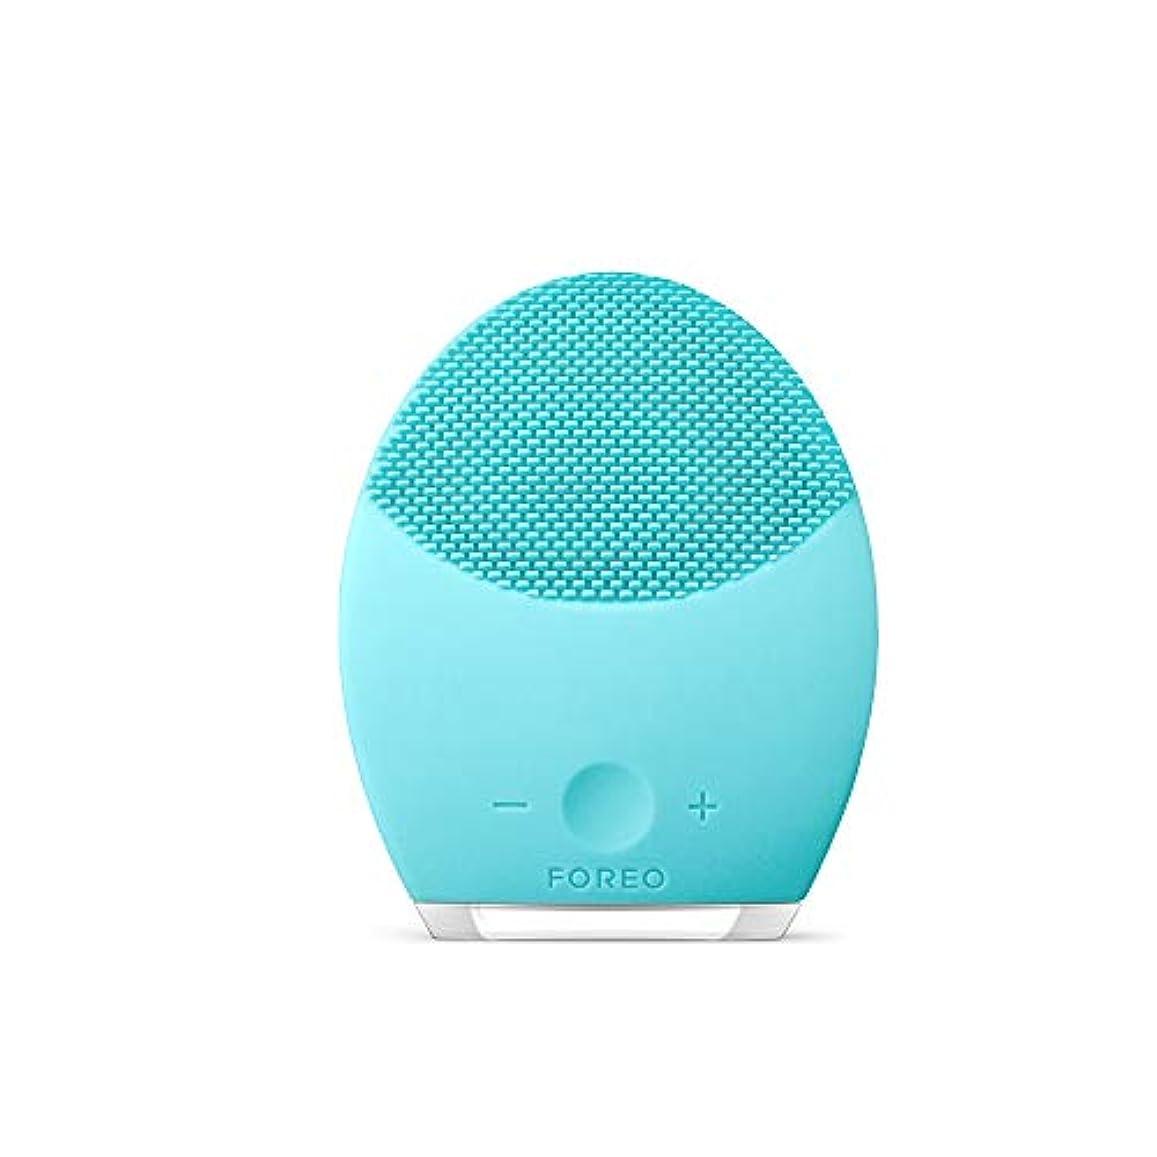 ポンド発明する花瓶FOREO LUNA 2 for オイリースキン 電動洗顔ブラシ シリコーン製 音波振動